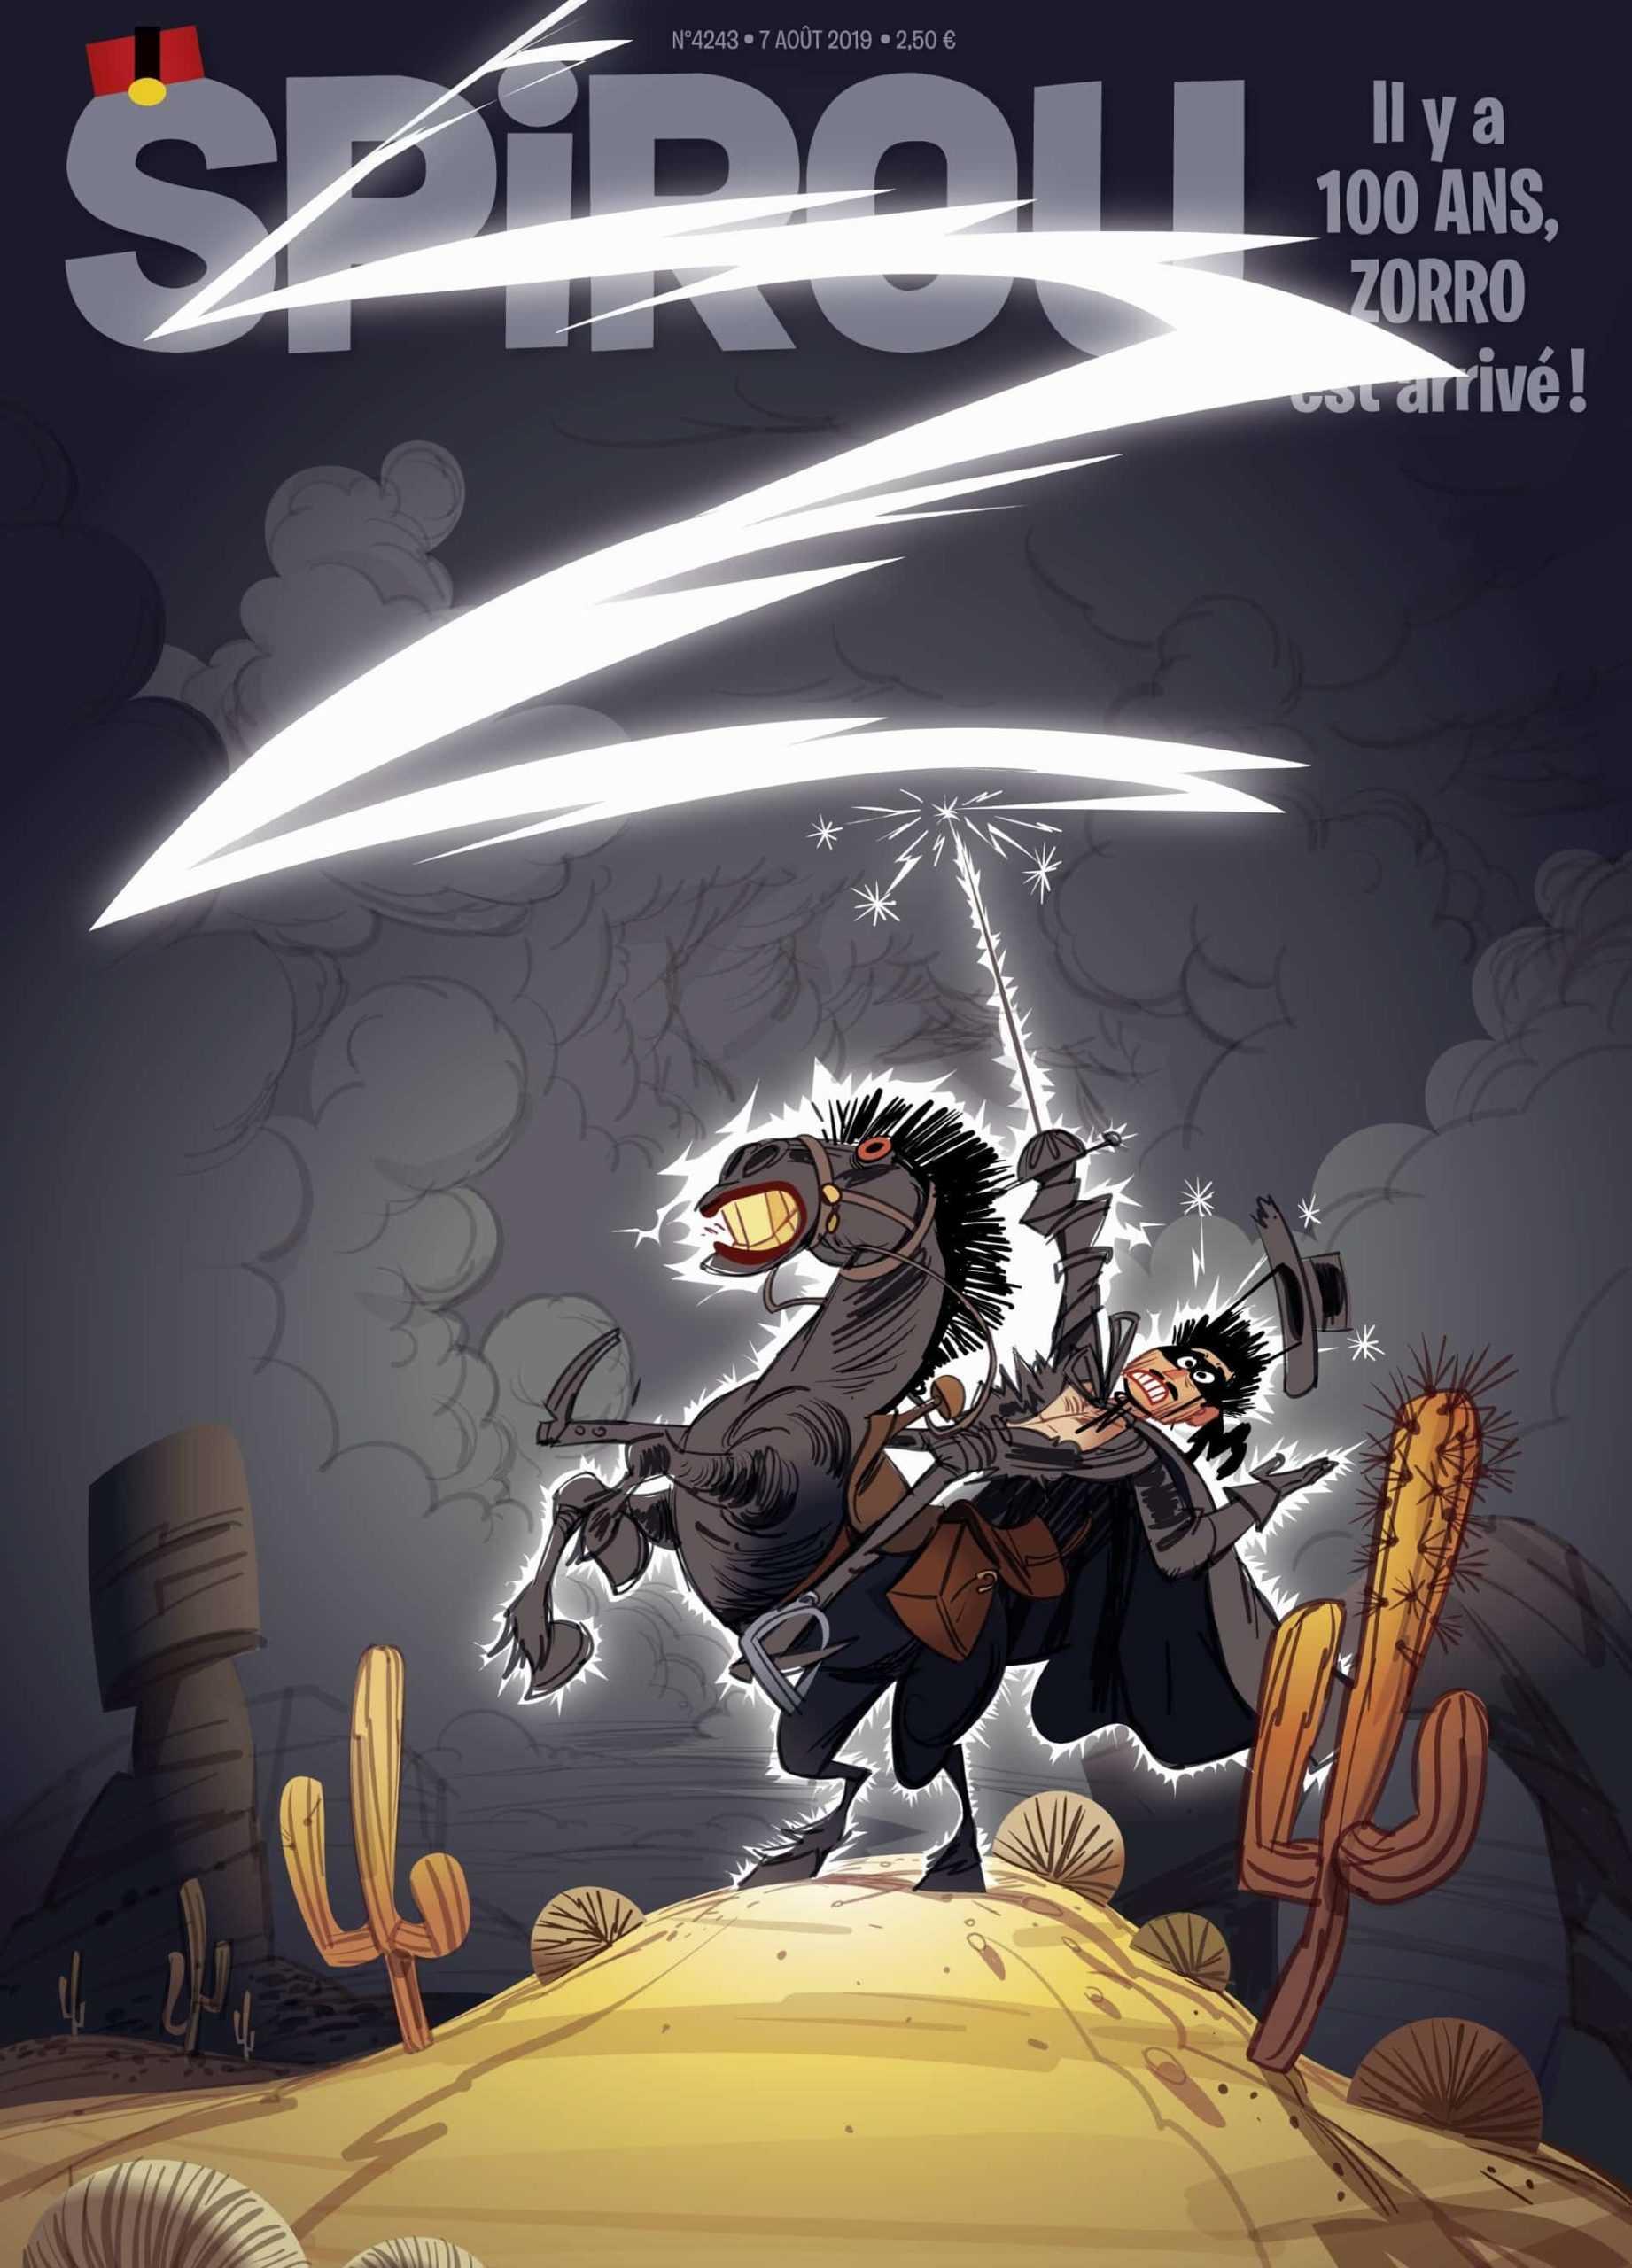 Zorro fête son centenaire dans Spirou